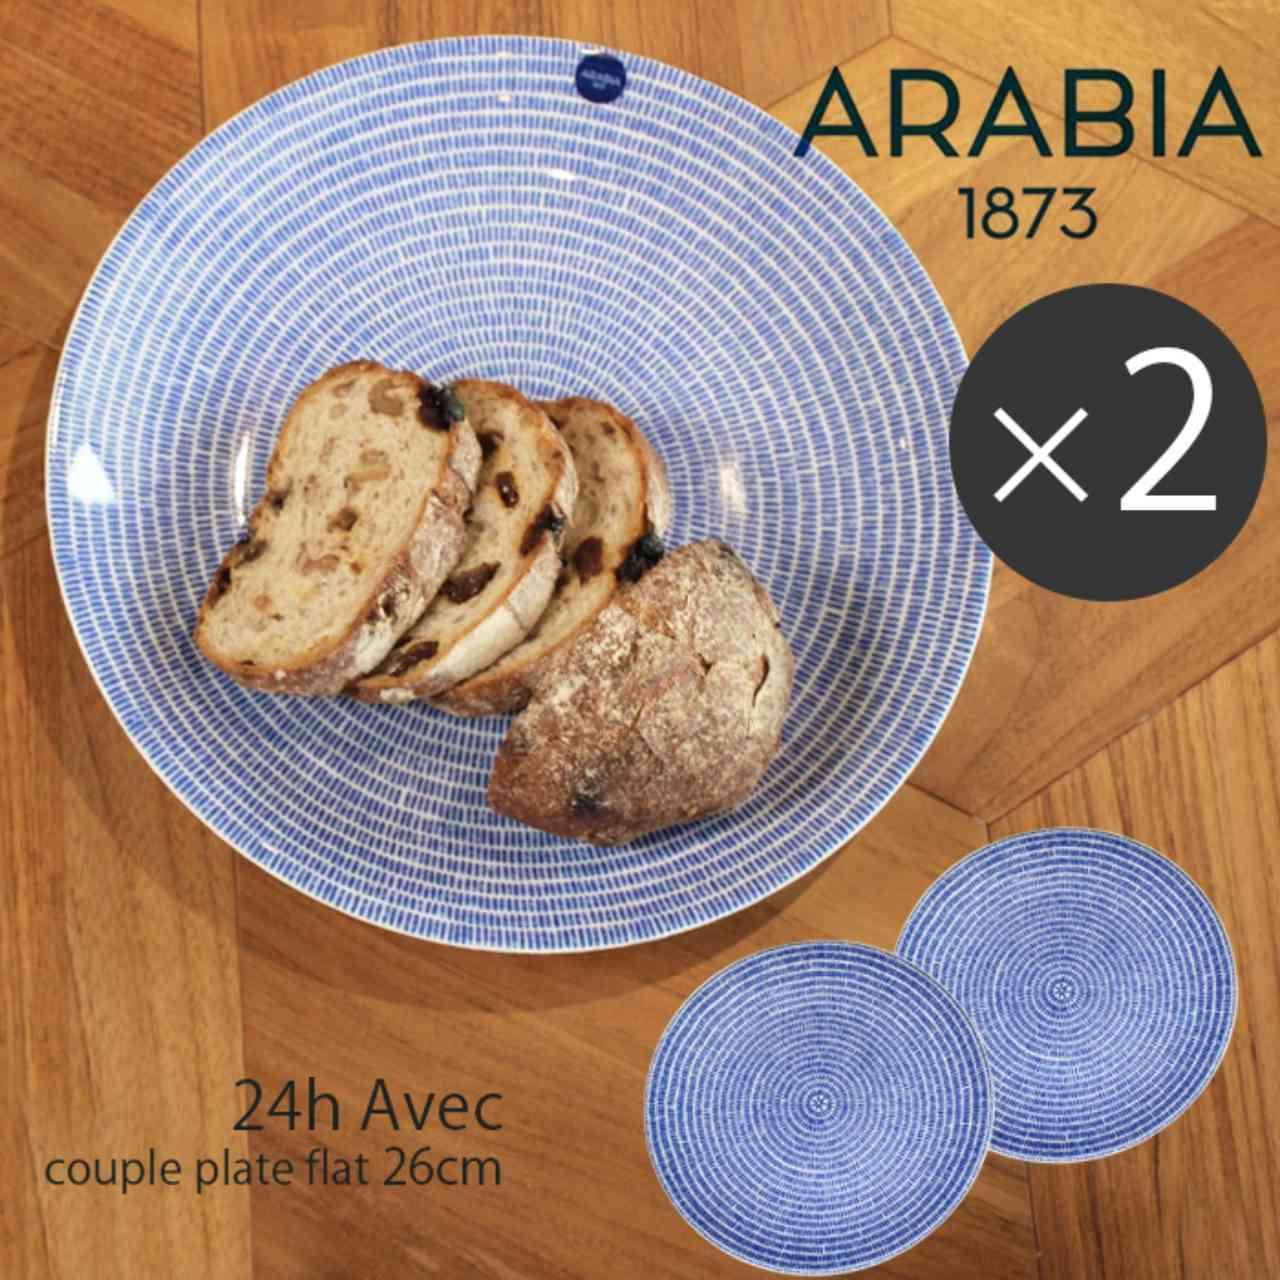 ワンプレートとしても!食卓をおしゃれに彩る「アラビア プレート」